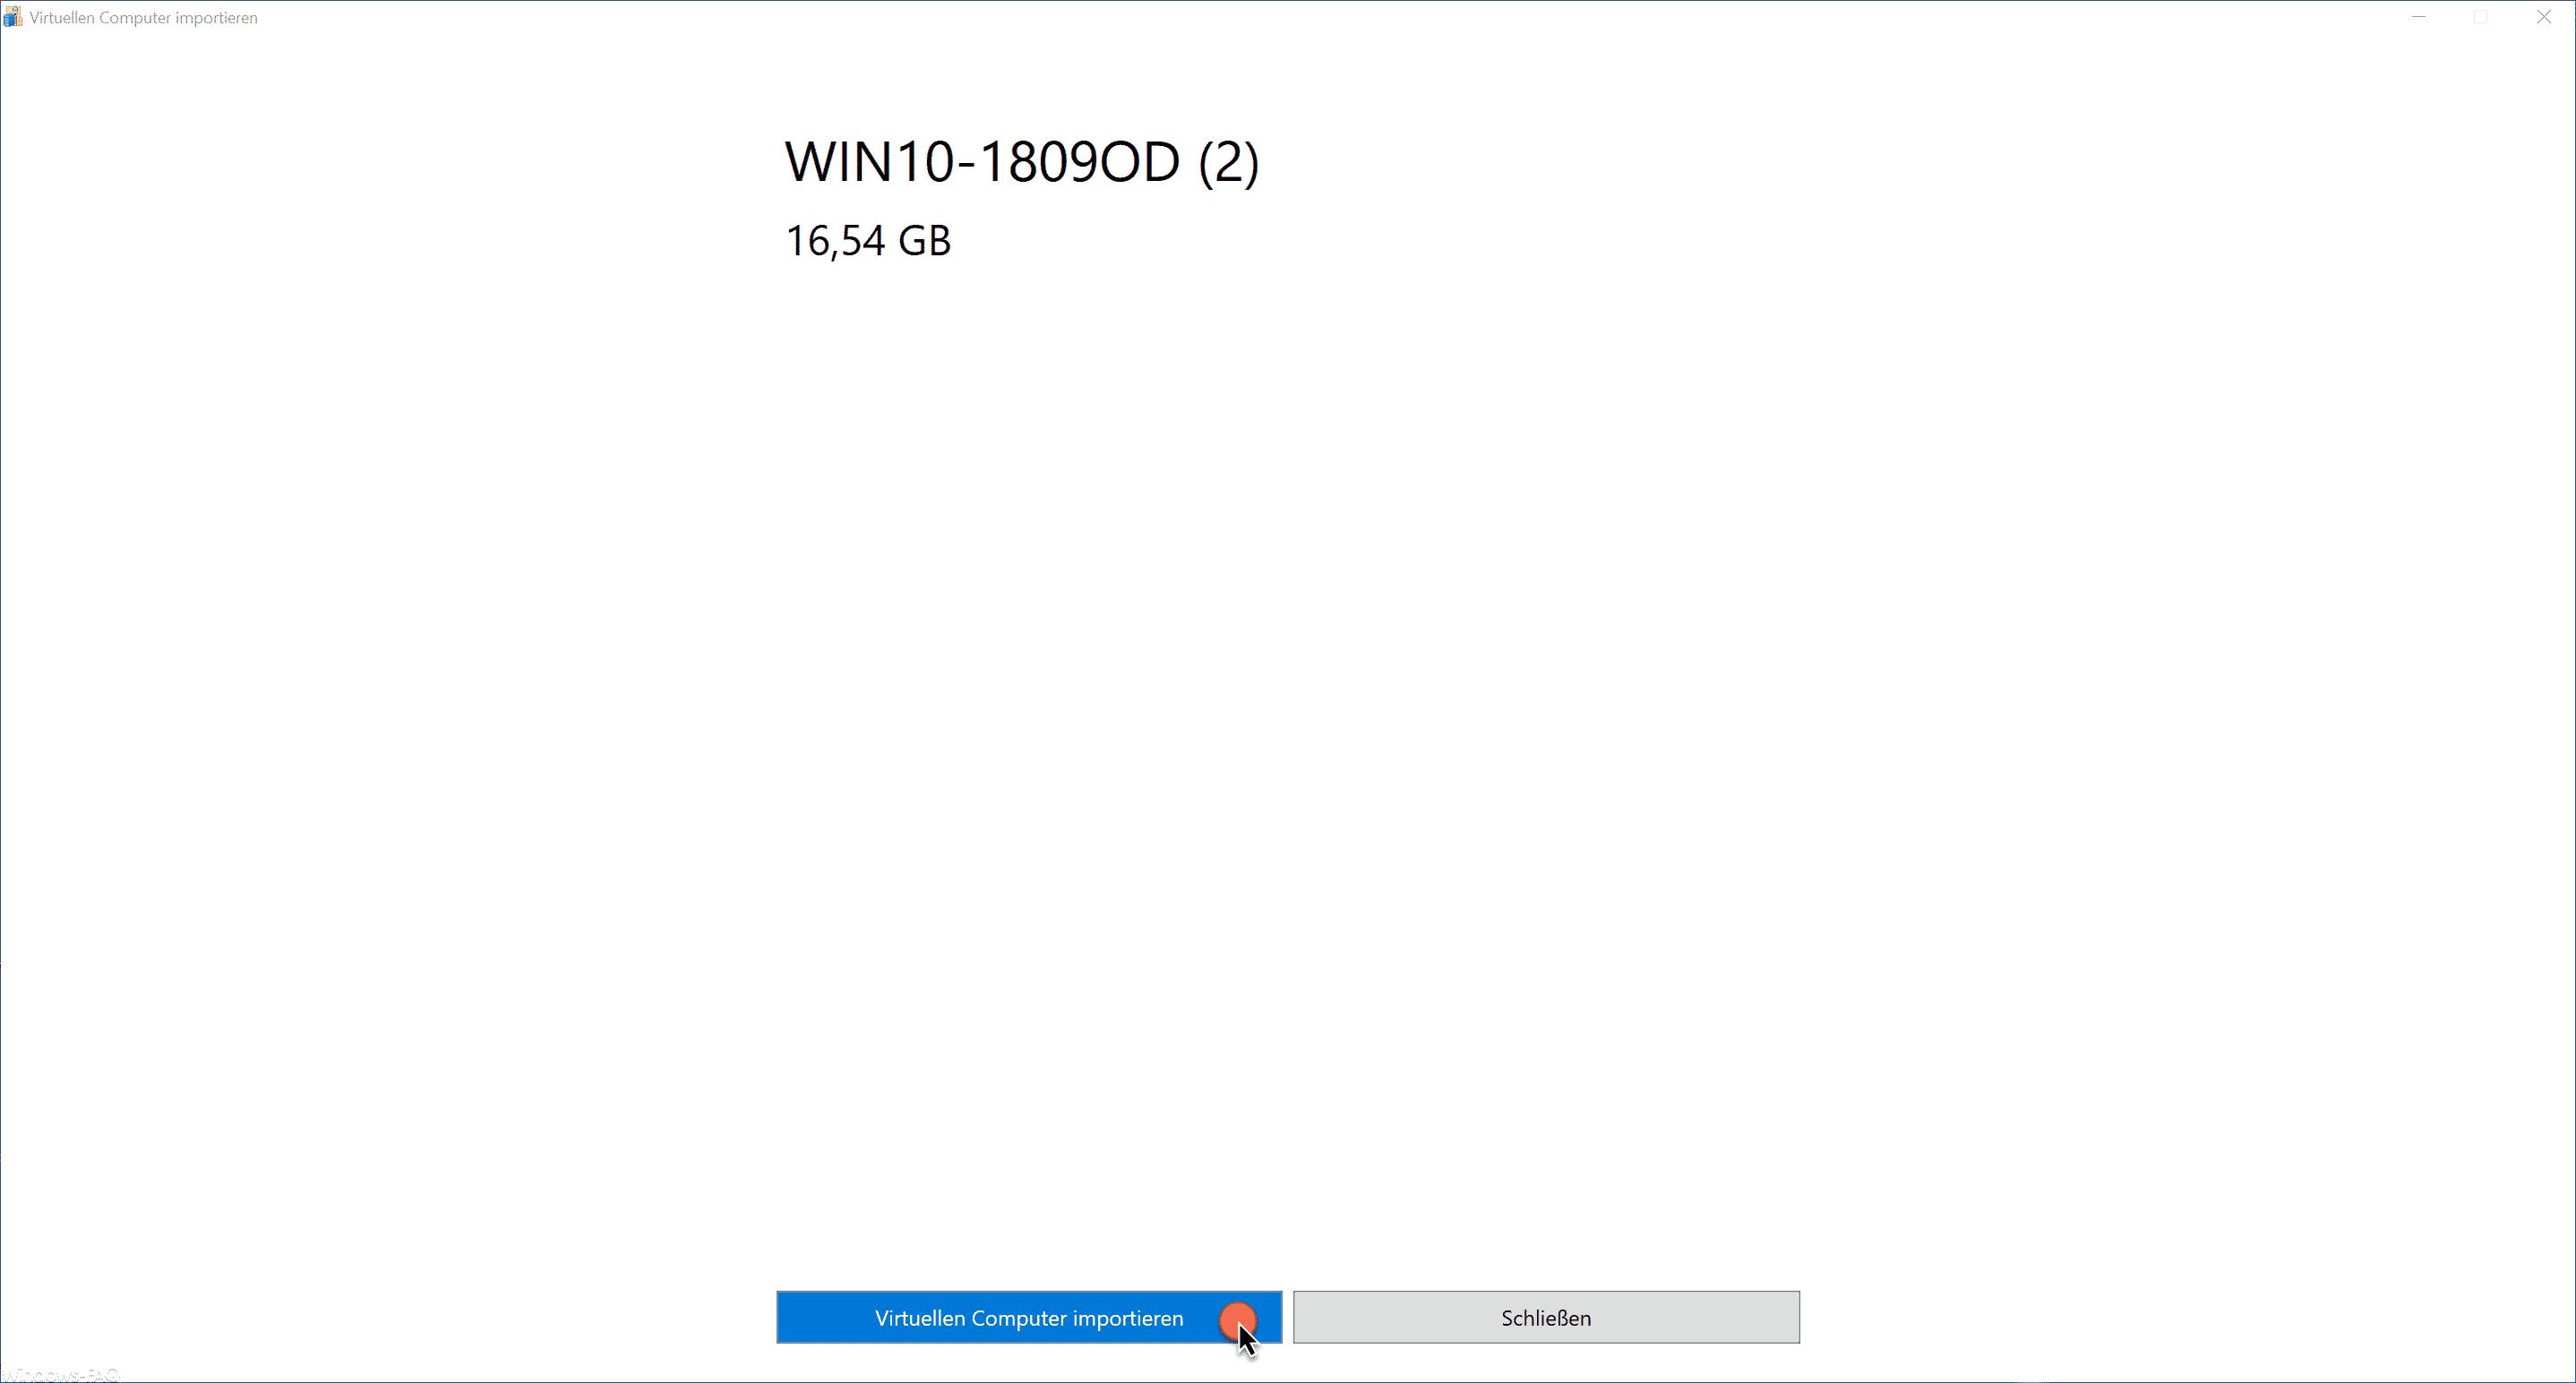 Virtuellen Computer importieren